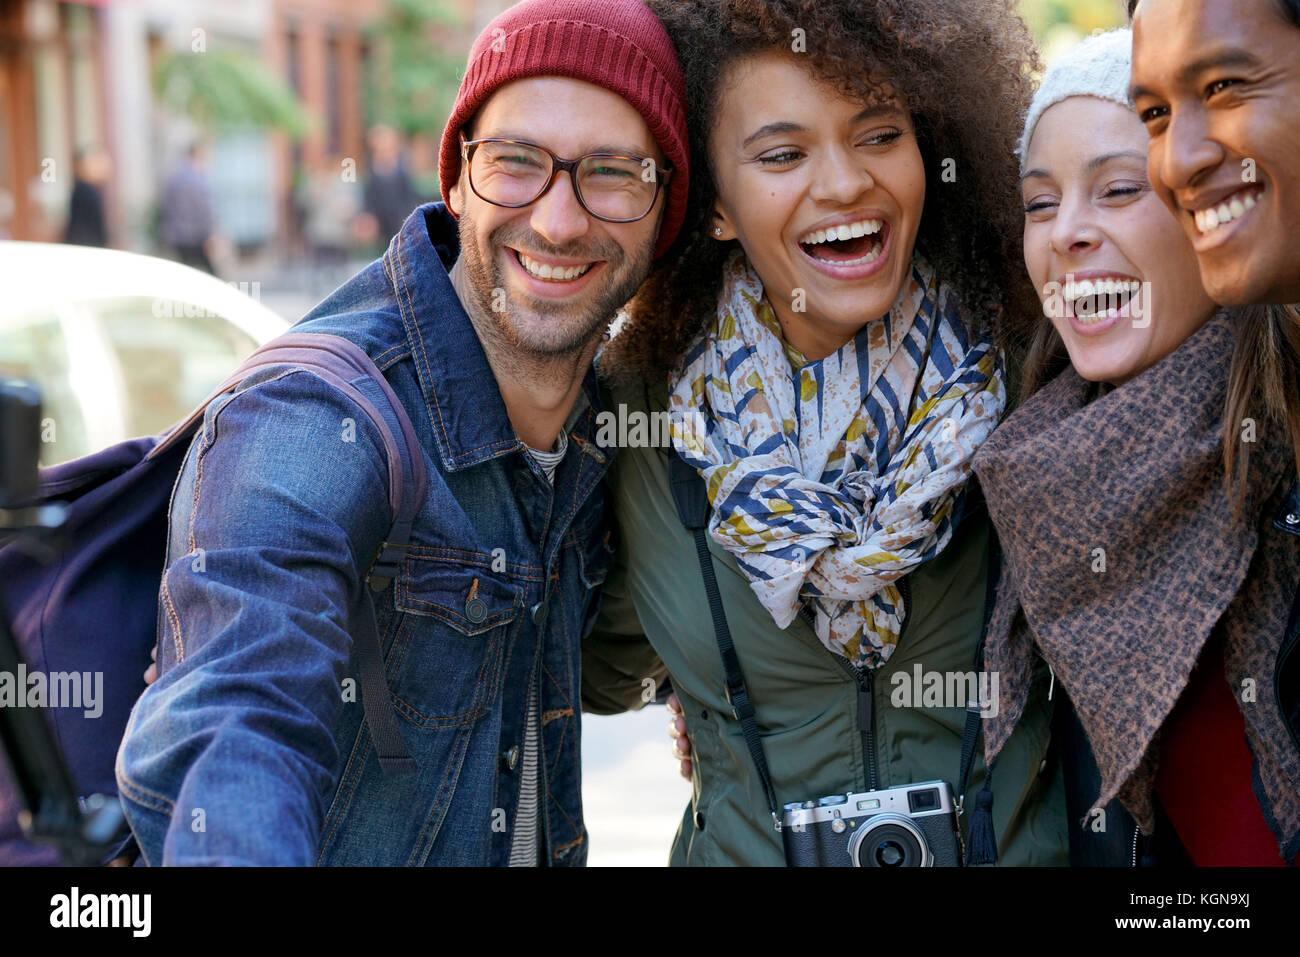 Eine Gruppe von Freunden auf Urlaub nimmt selfie Foto mit der Kamera Stockbild